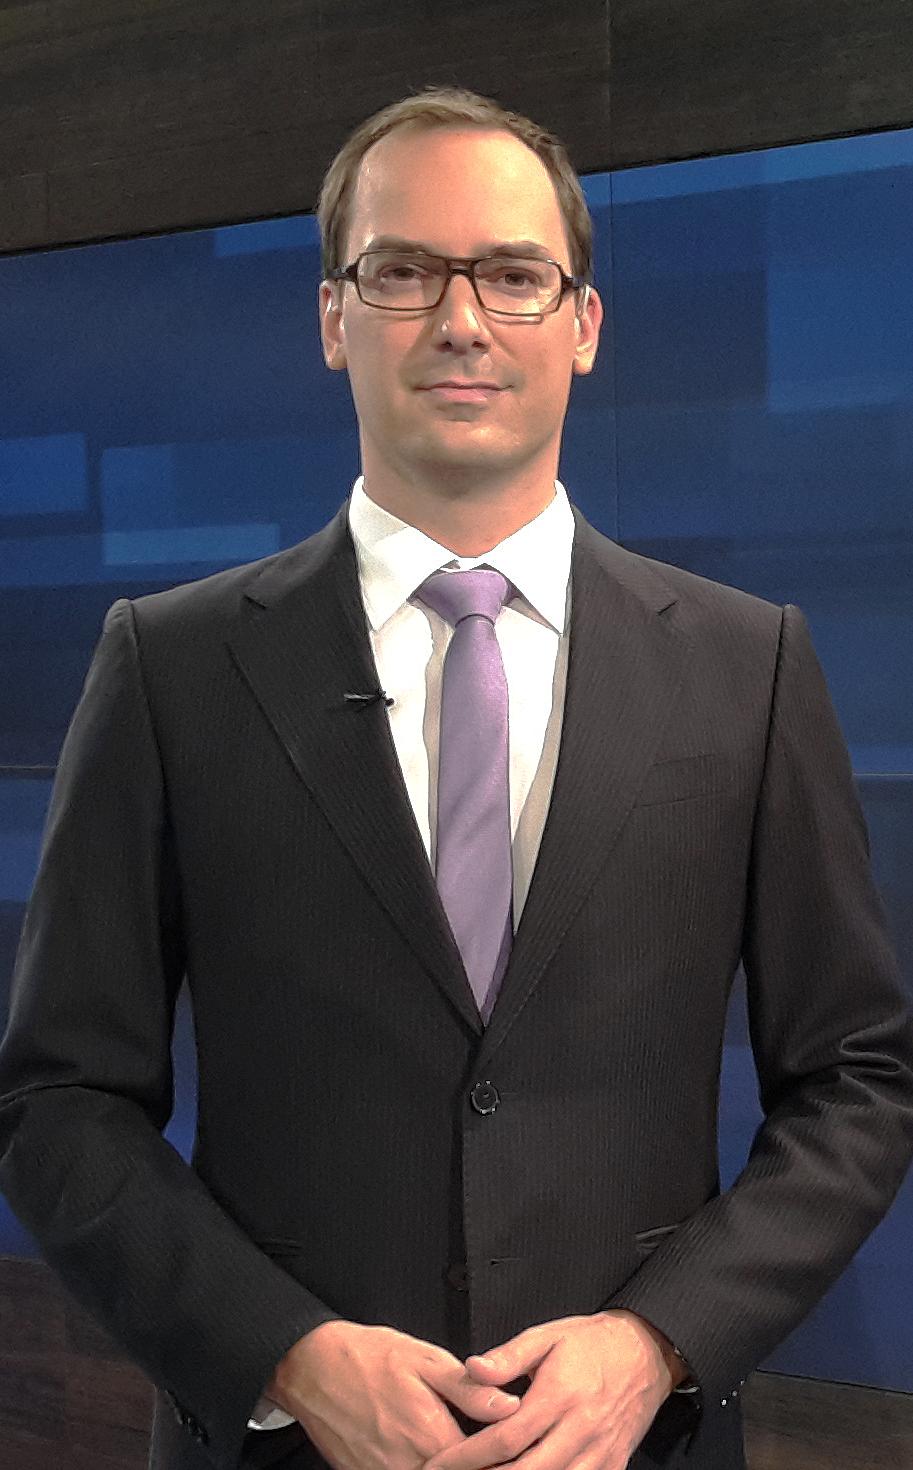 Carsten-Pieter Zimmermann